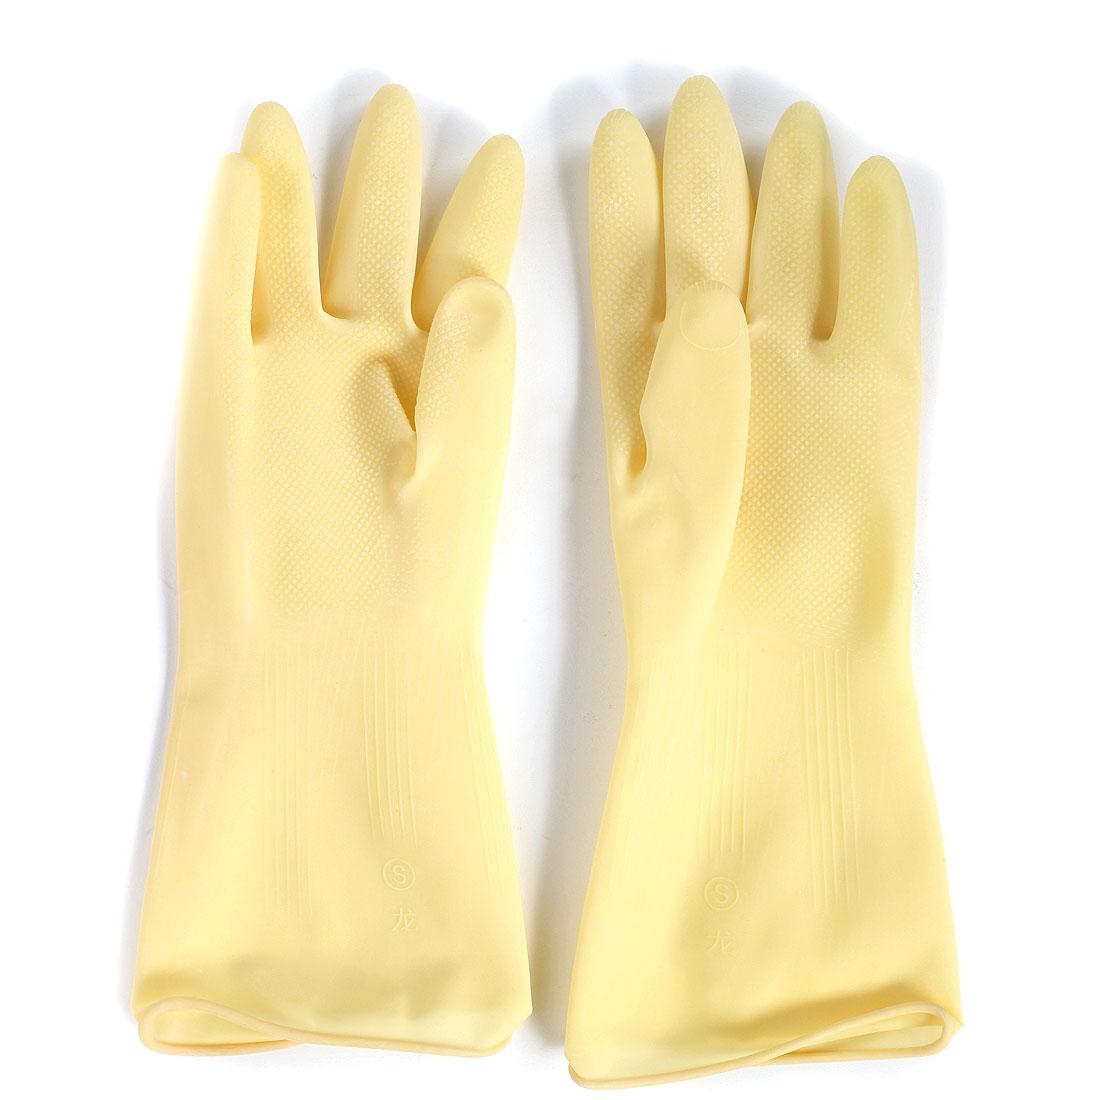 Factory Oil Resistant Waterproof Hand Protector Rubber Work Gloves Beige Pair